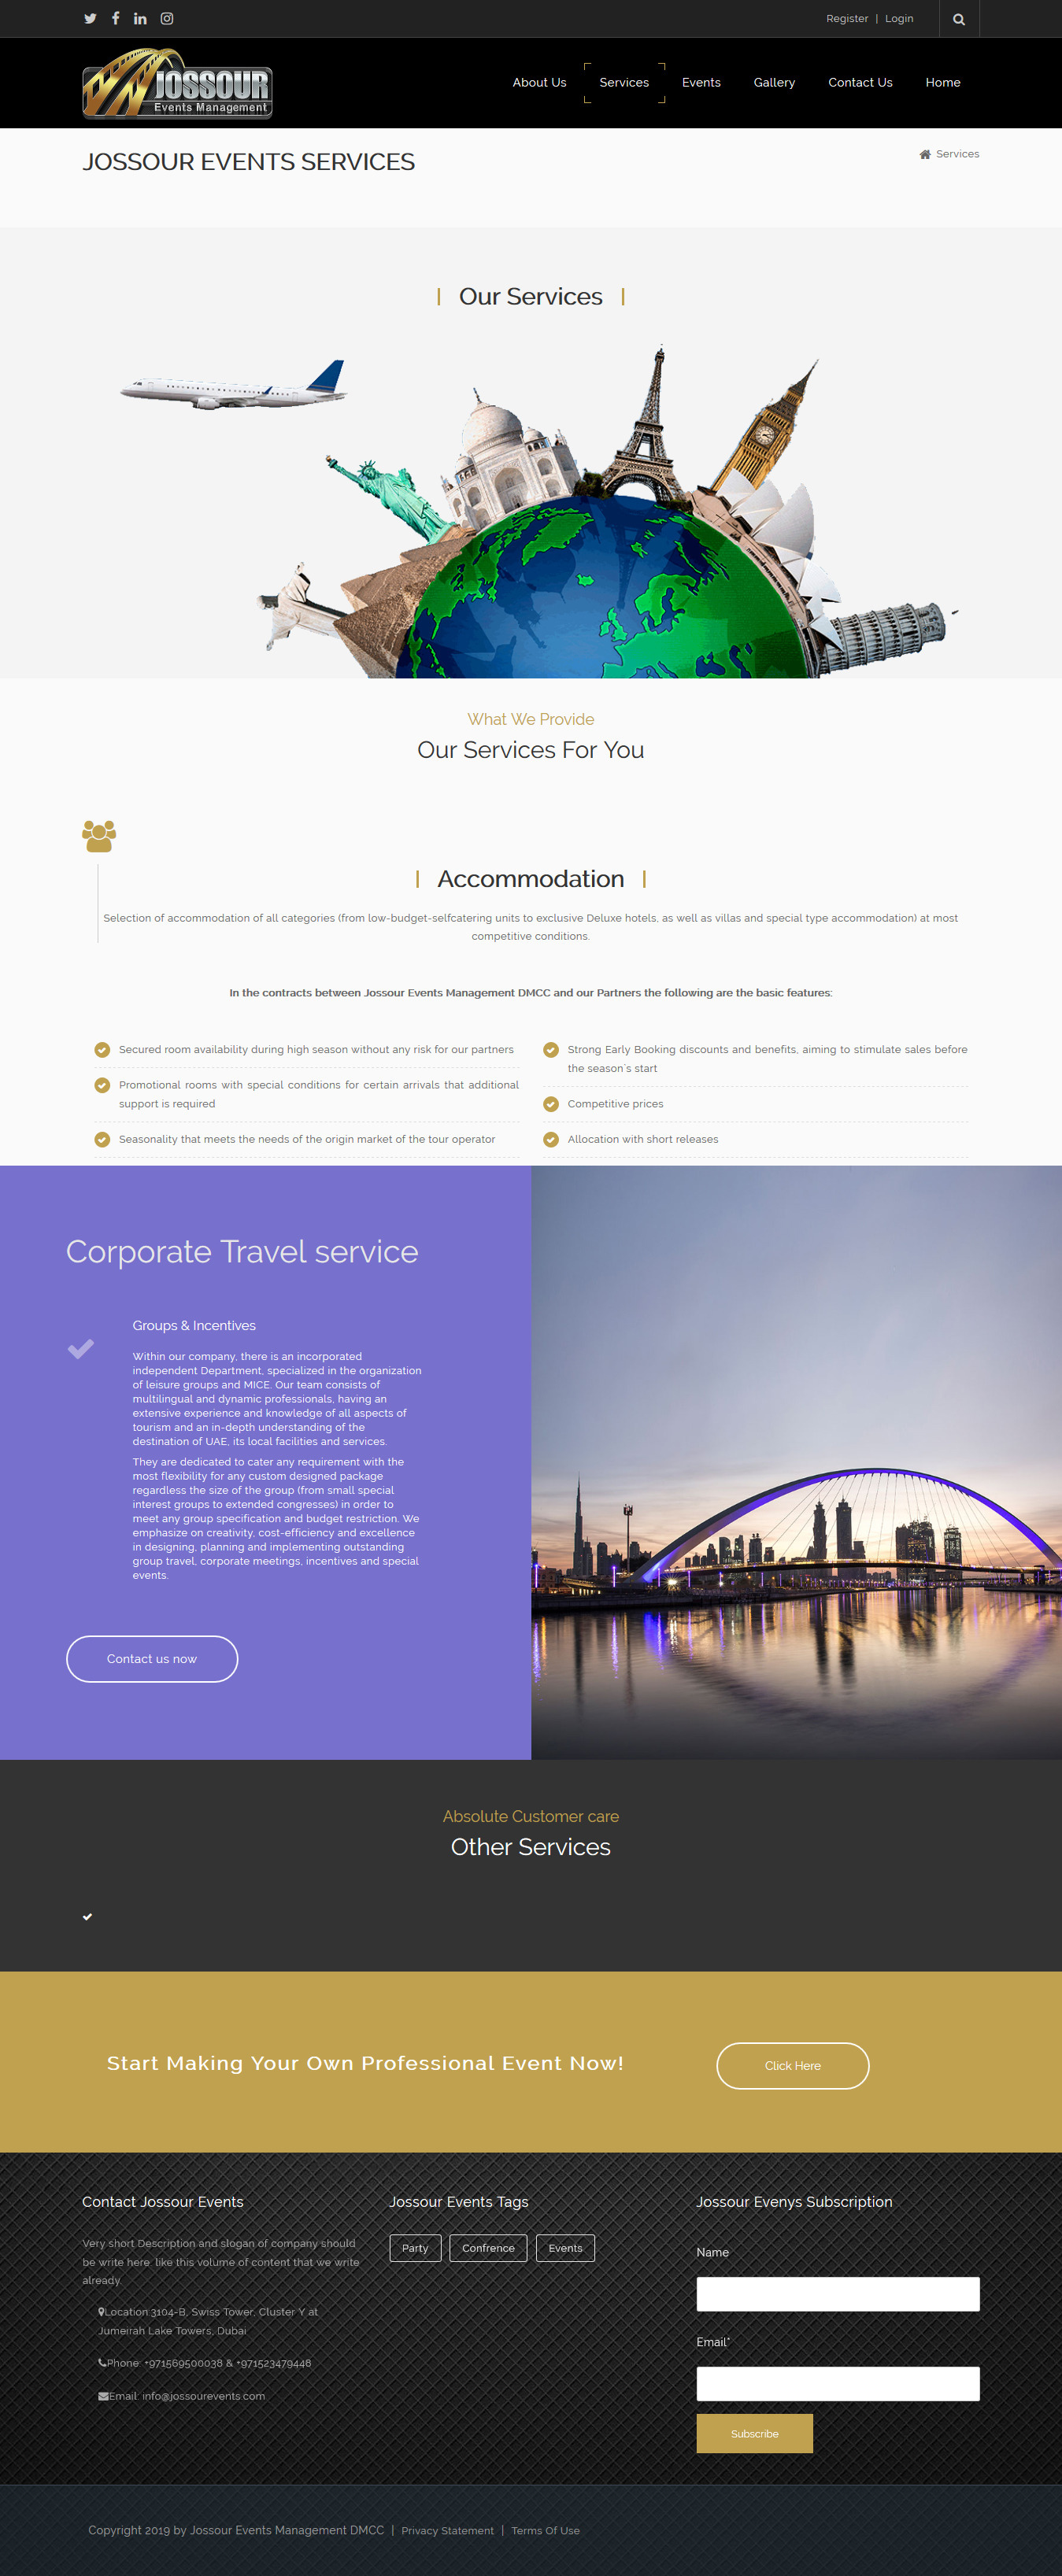 jossourevents-services